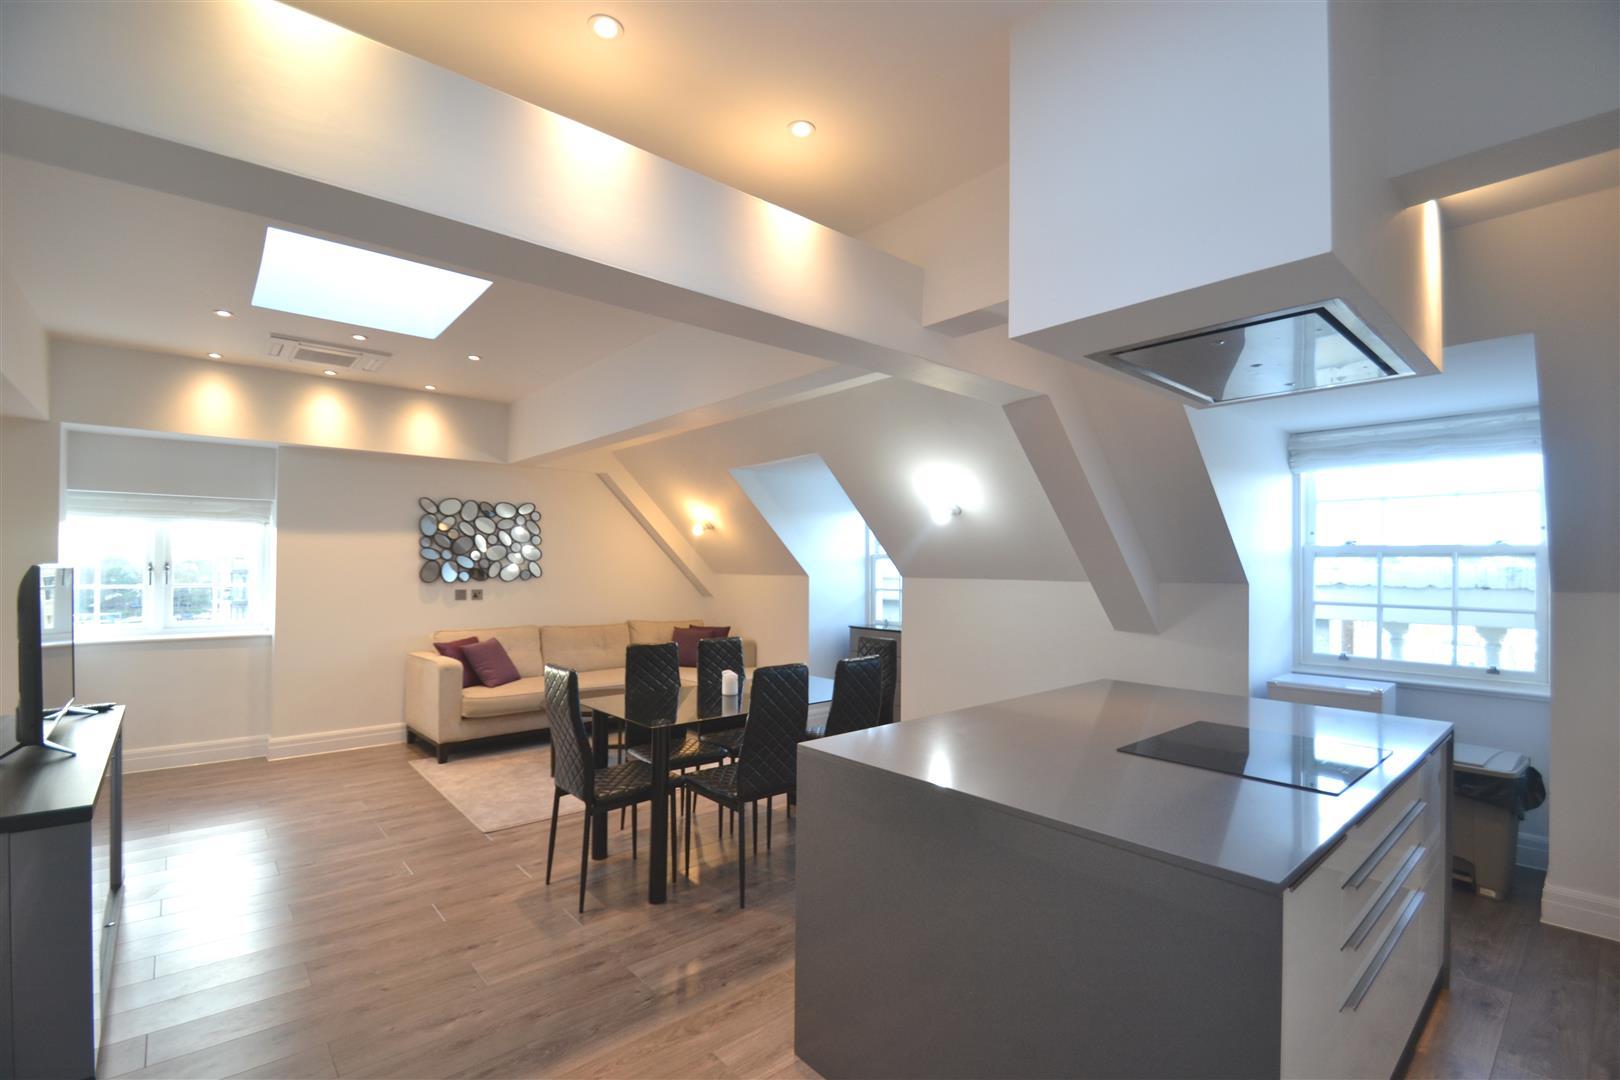 3 Bedrooms Penthouse Flat for rent in Kew Bridge Road, Brentford, TW8